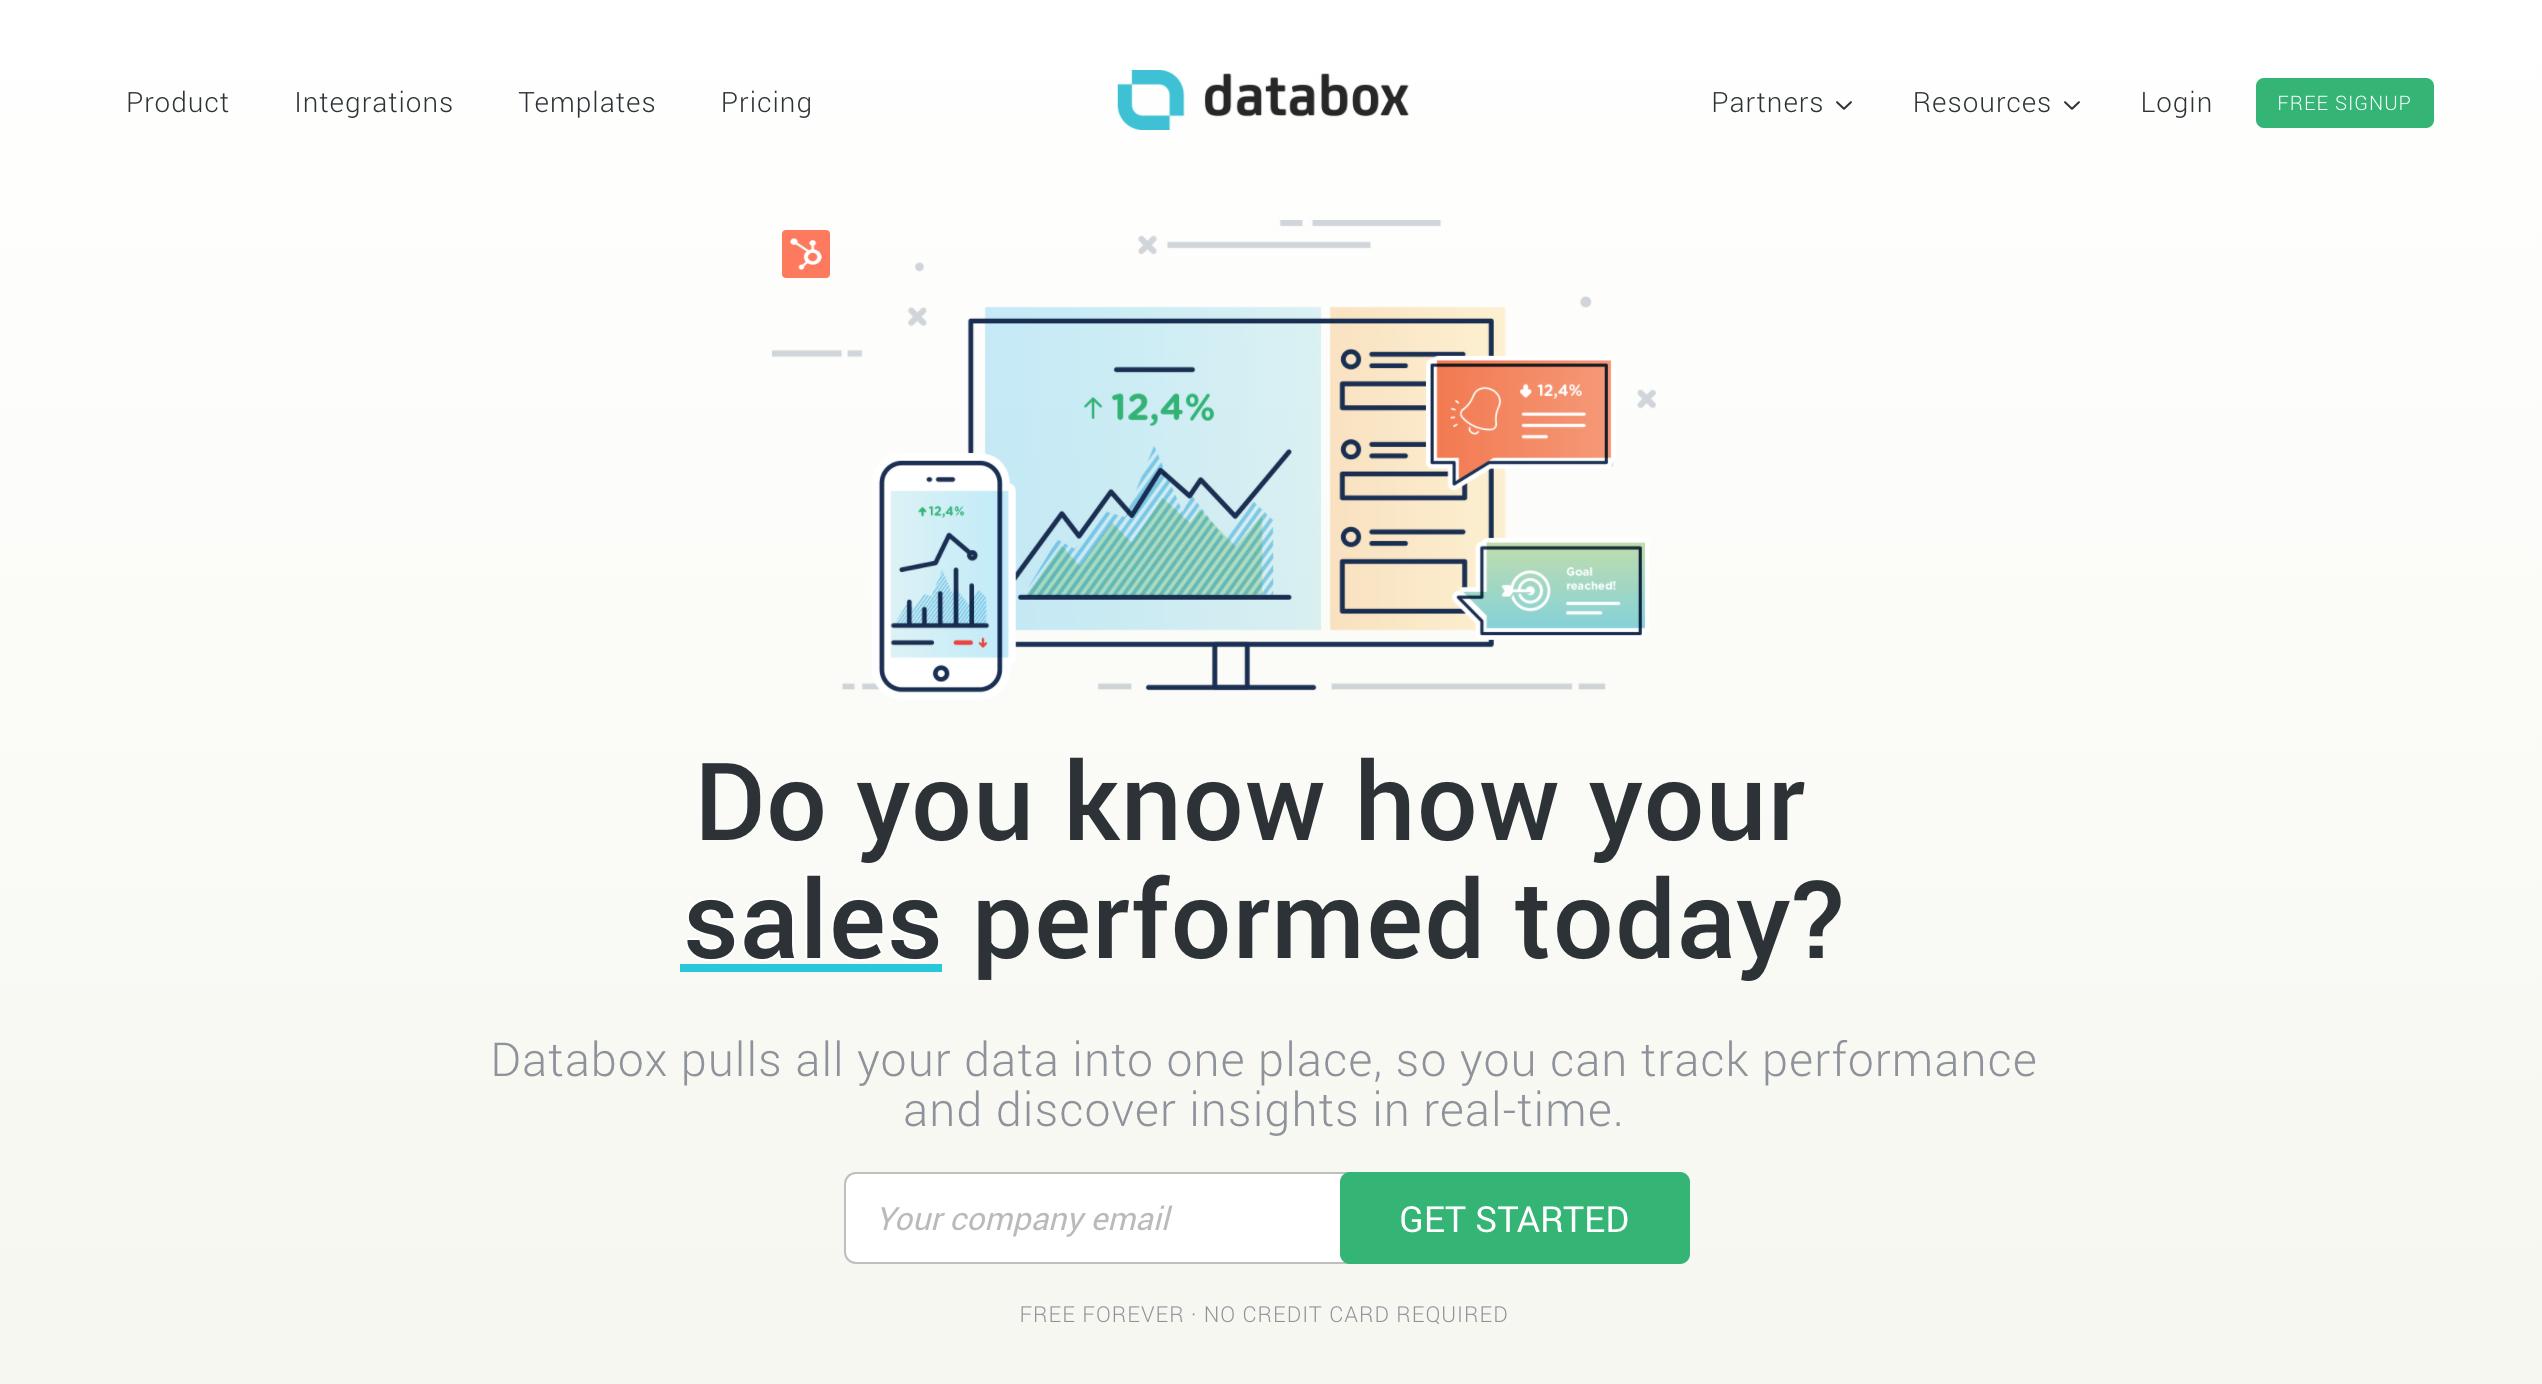 databox saas marketing tools